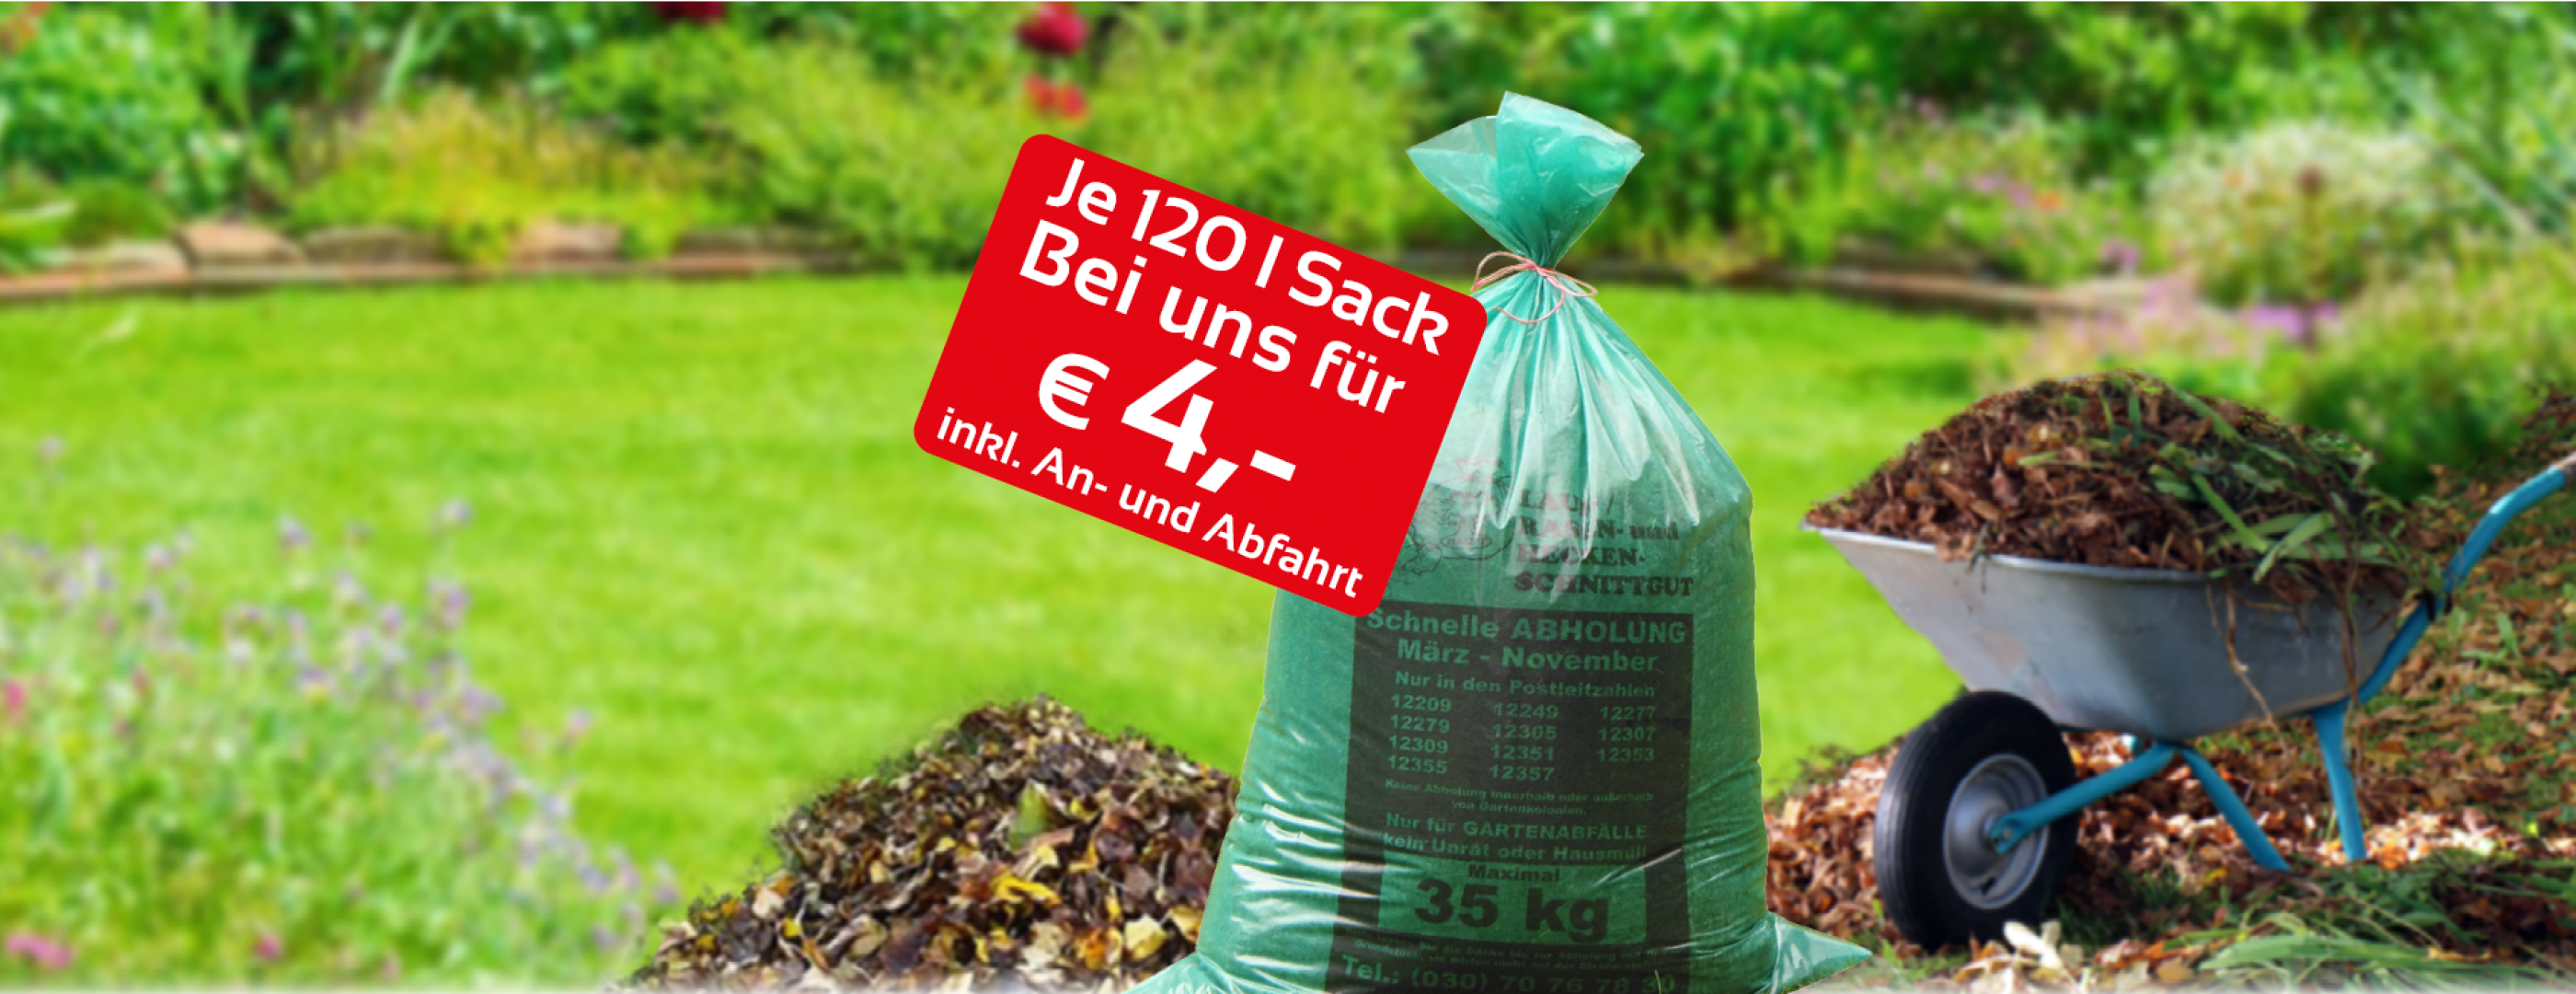 4€ Sack bild